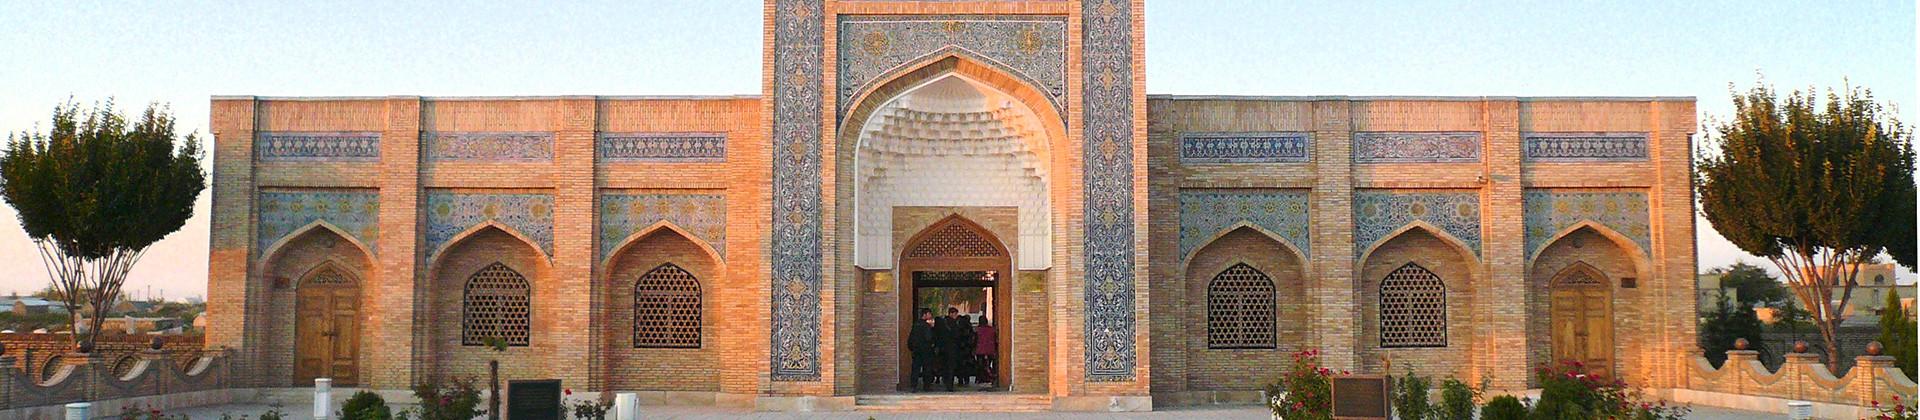 Pilgrimage - Ziyorat (Economy) - 1